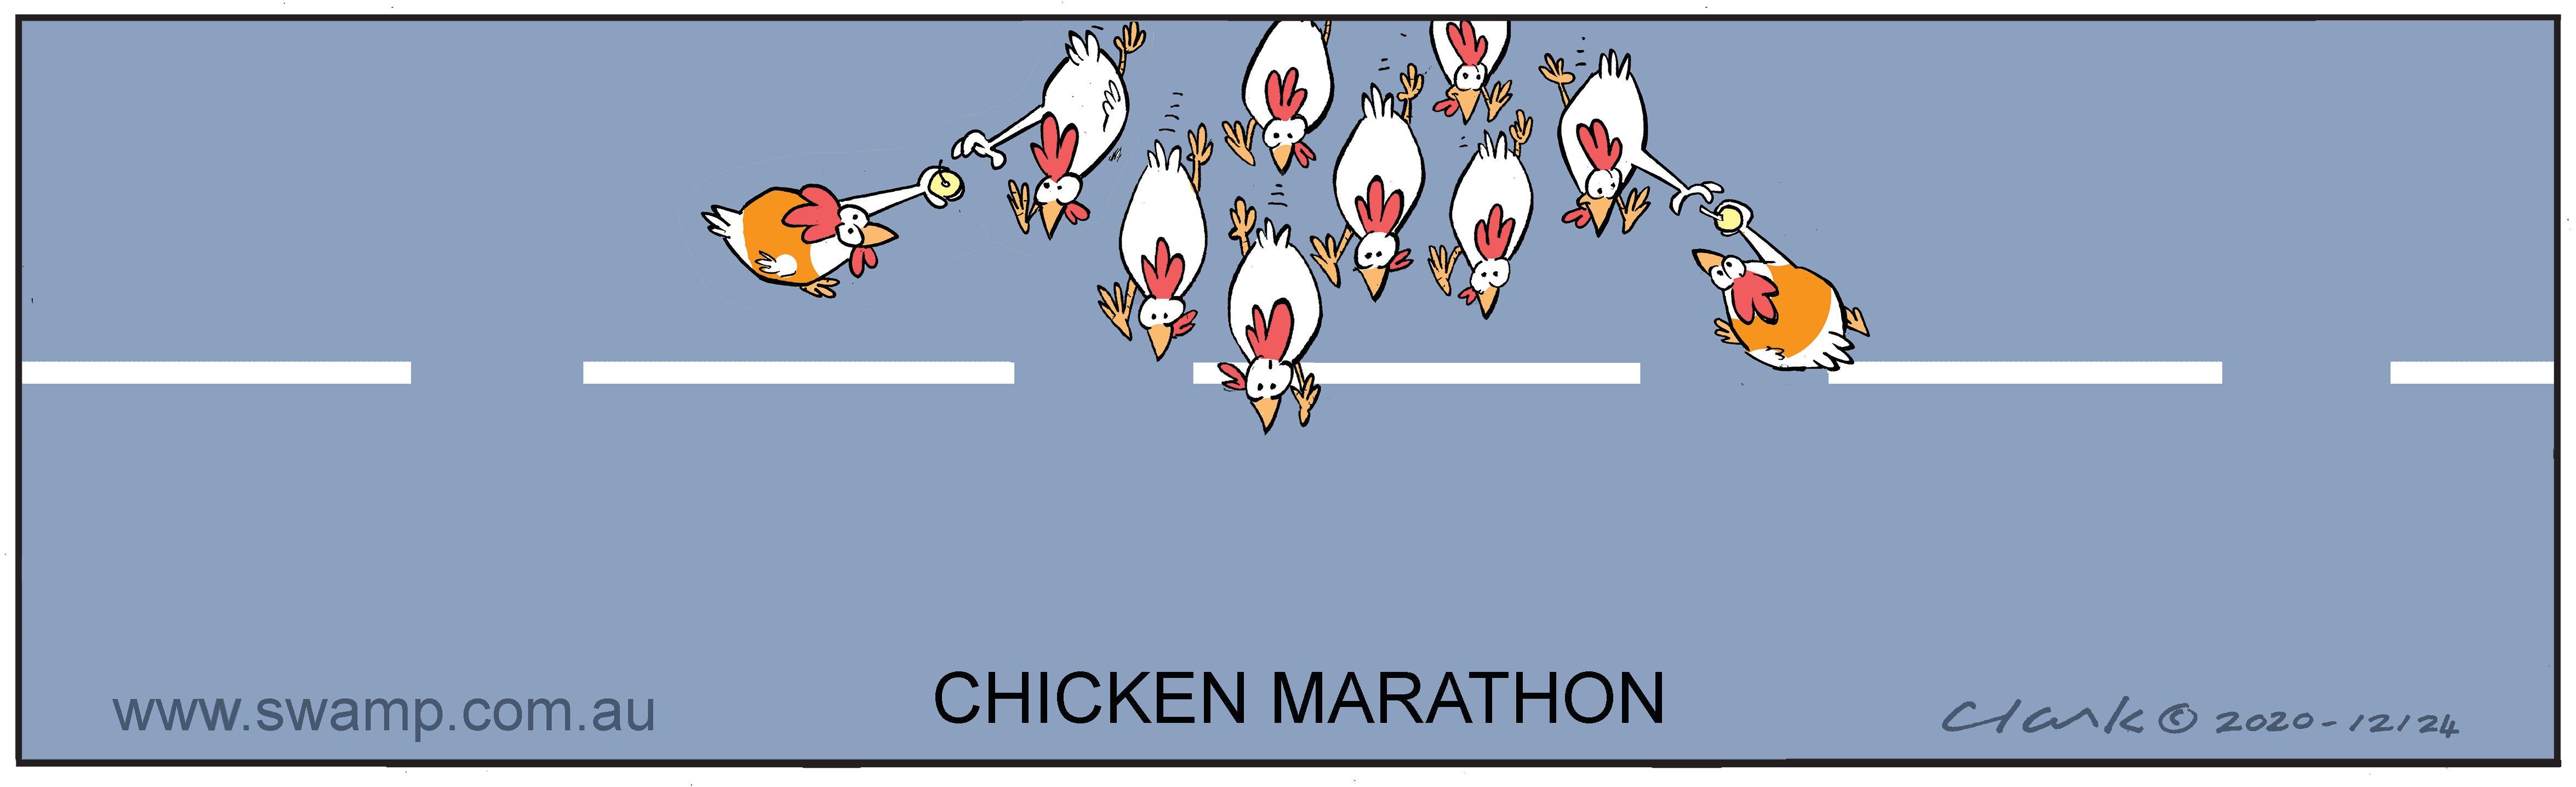 Chickens Running a Marathon